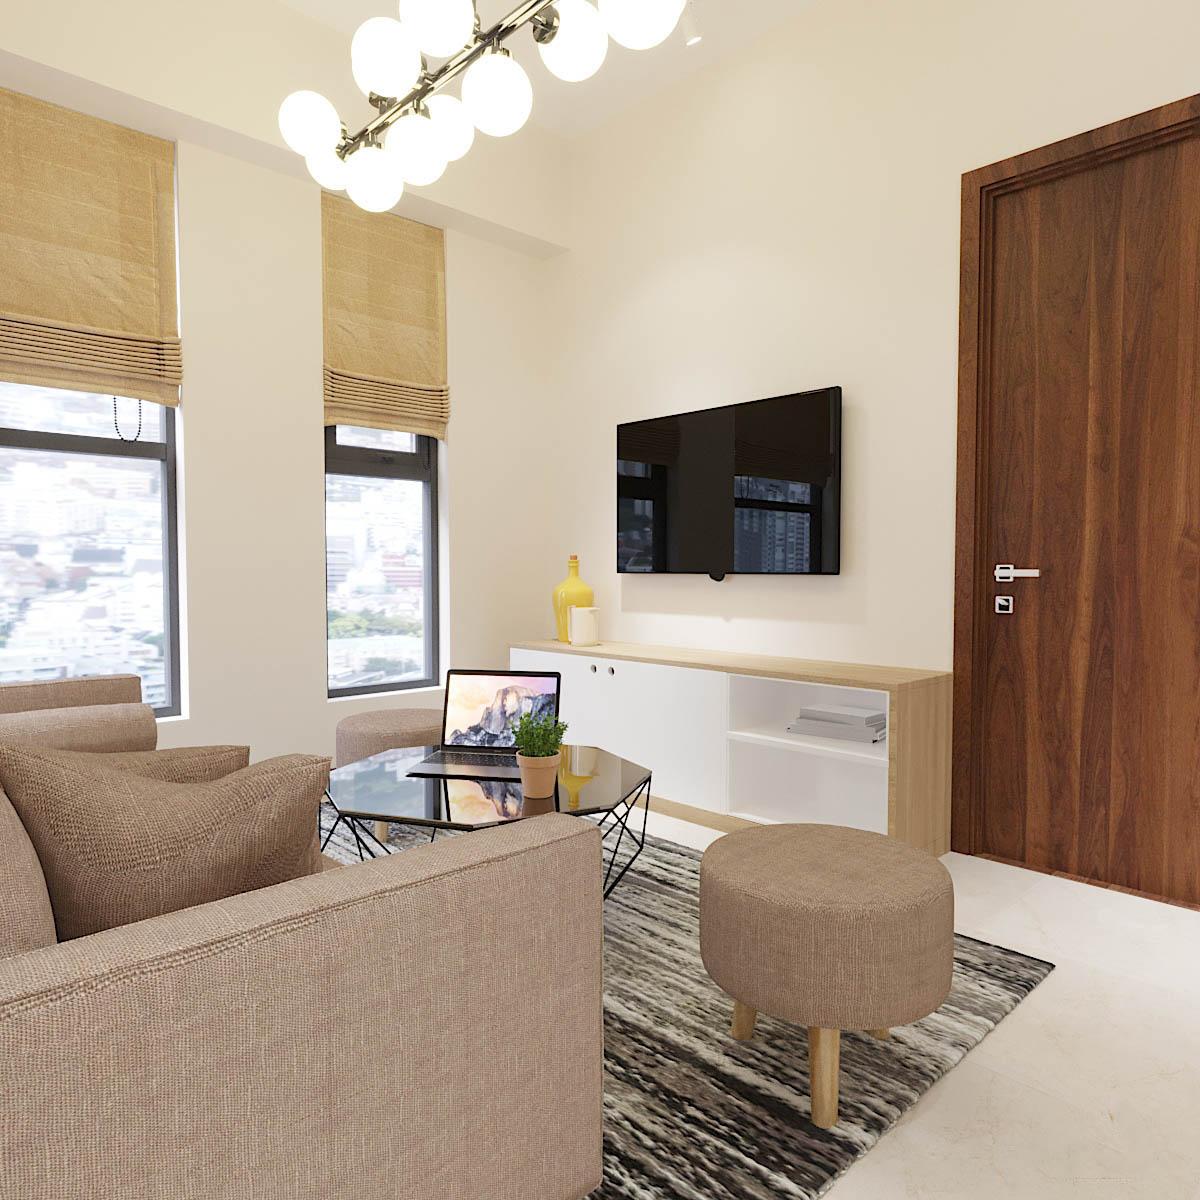 Thiết kế nội thất căn hộ chung cư Centana Quận 2 – Chị Phương Anh Toại